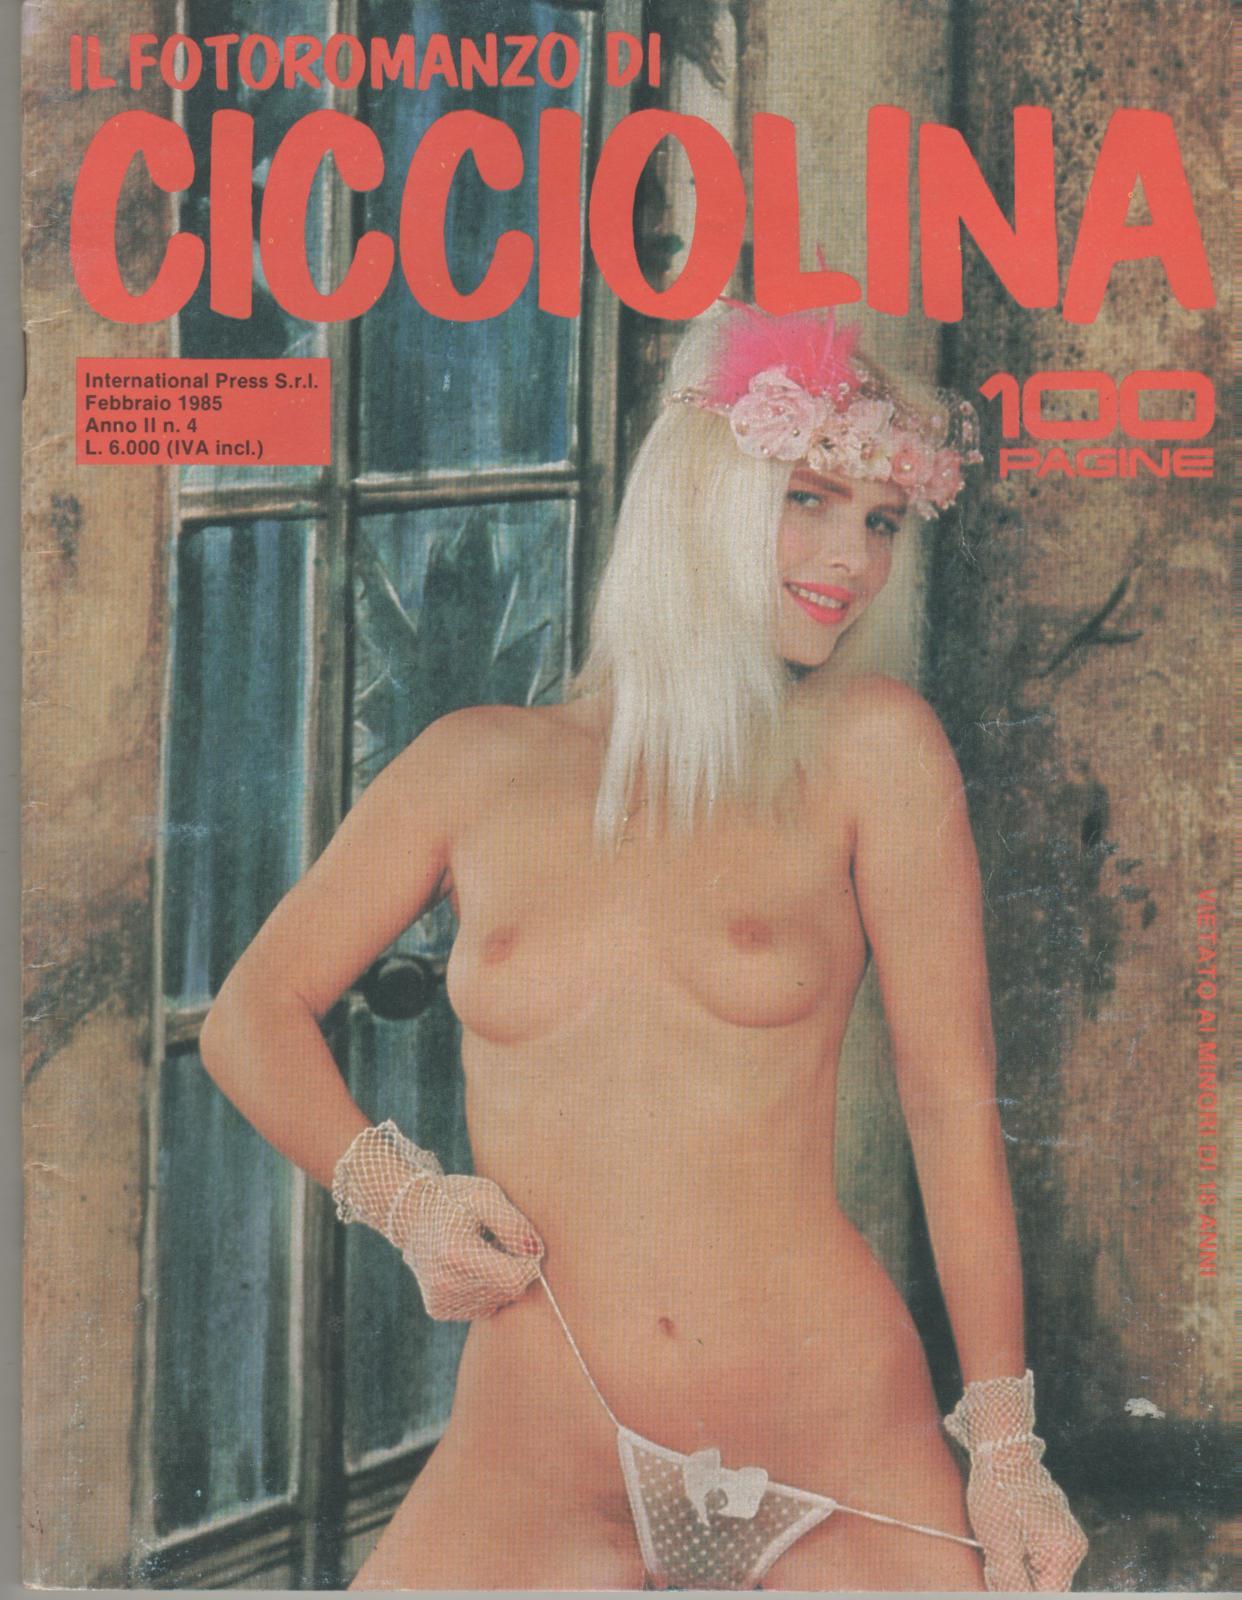 IL FOTOROMANZO DI CICCIOLINA  # 4